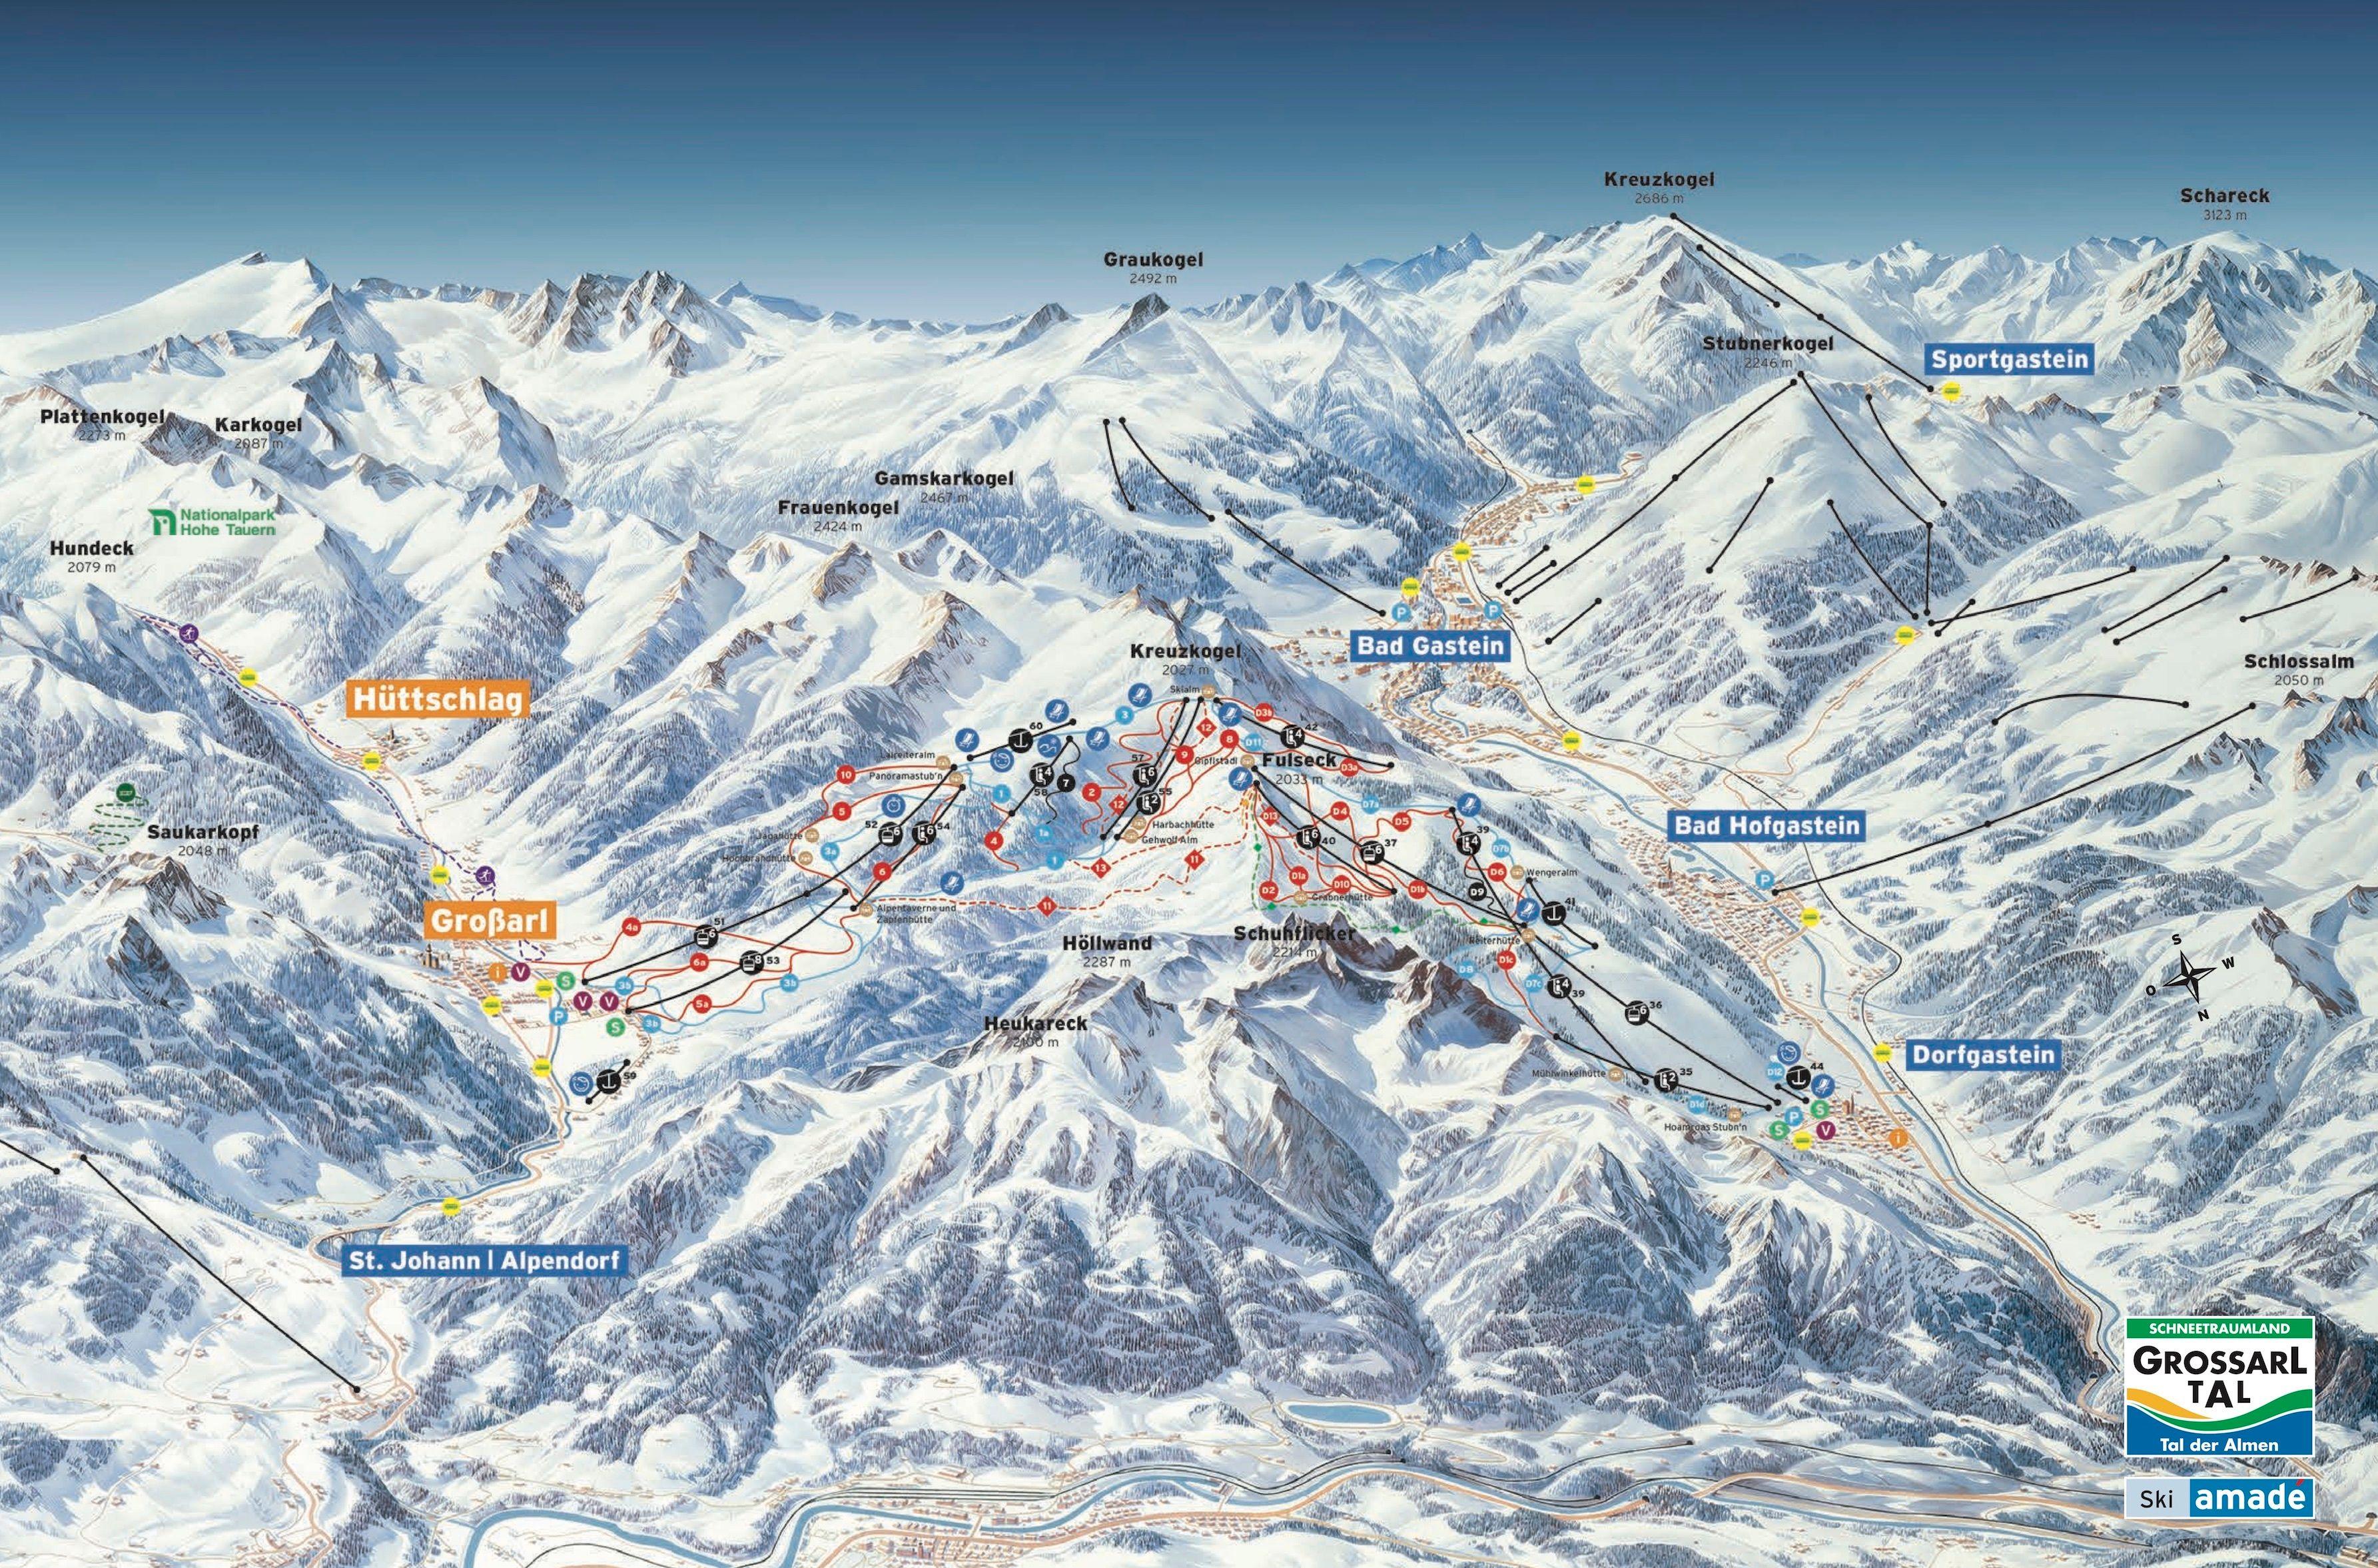 Skischaukel Dorfgastein Großarltal